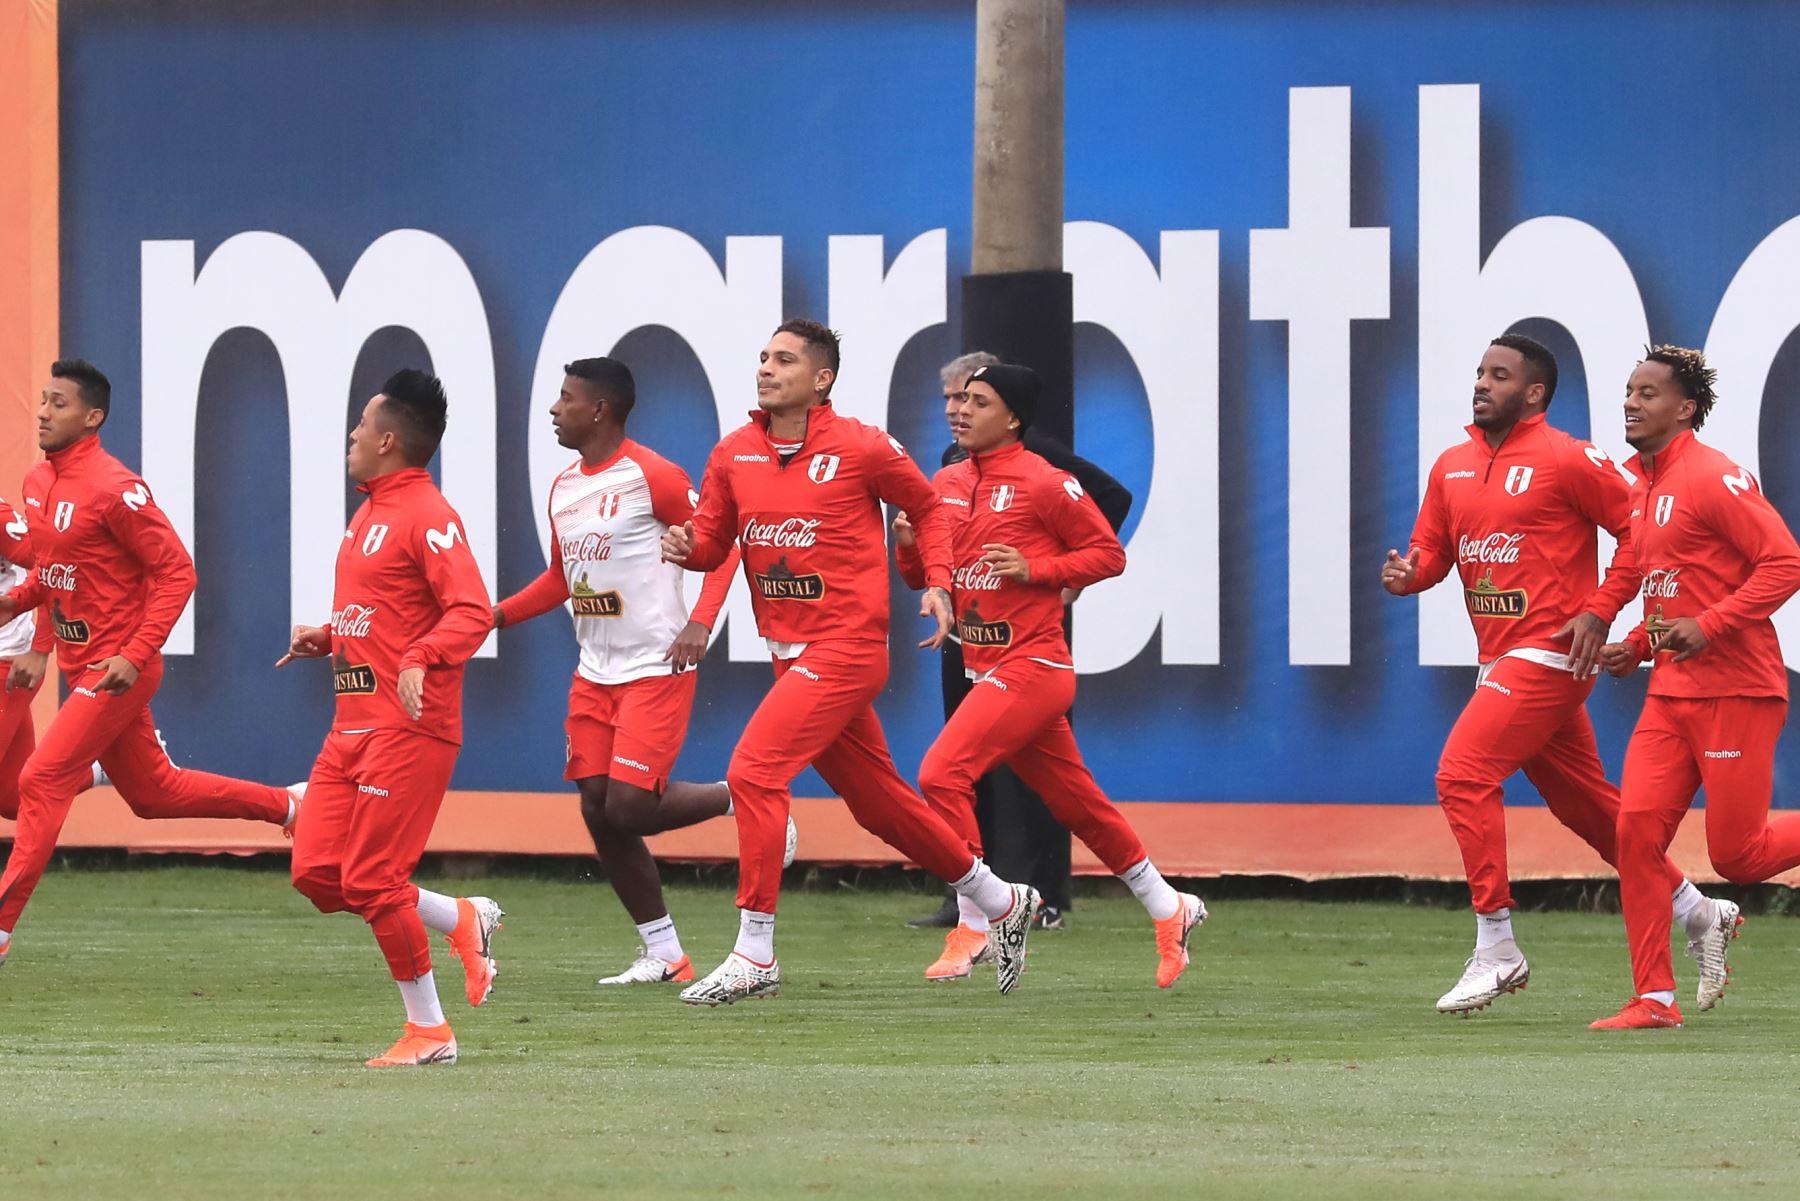 Último entrenamiento de la selección nacional antes de su partida a Brasil para participar en la Copa América.  Foto: ANDINA/Juan Carlos Guzmán Negrini.